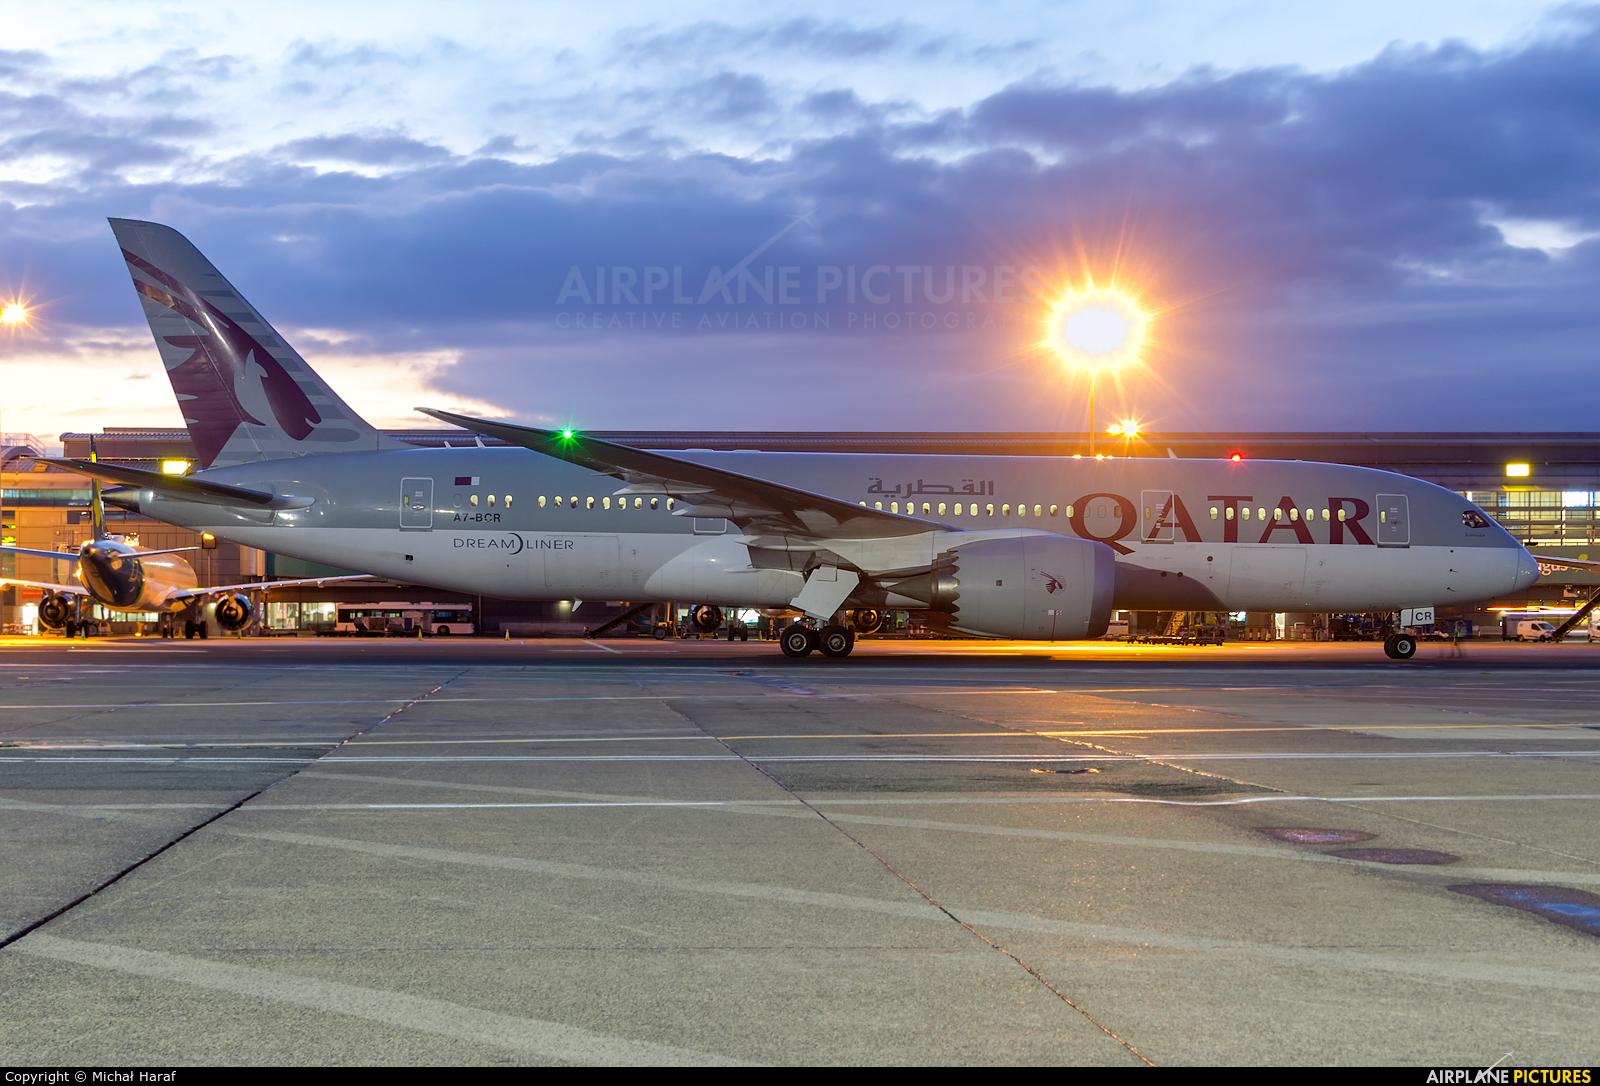 Qatar Airways A7-BCR aircraft at Dublin